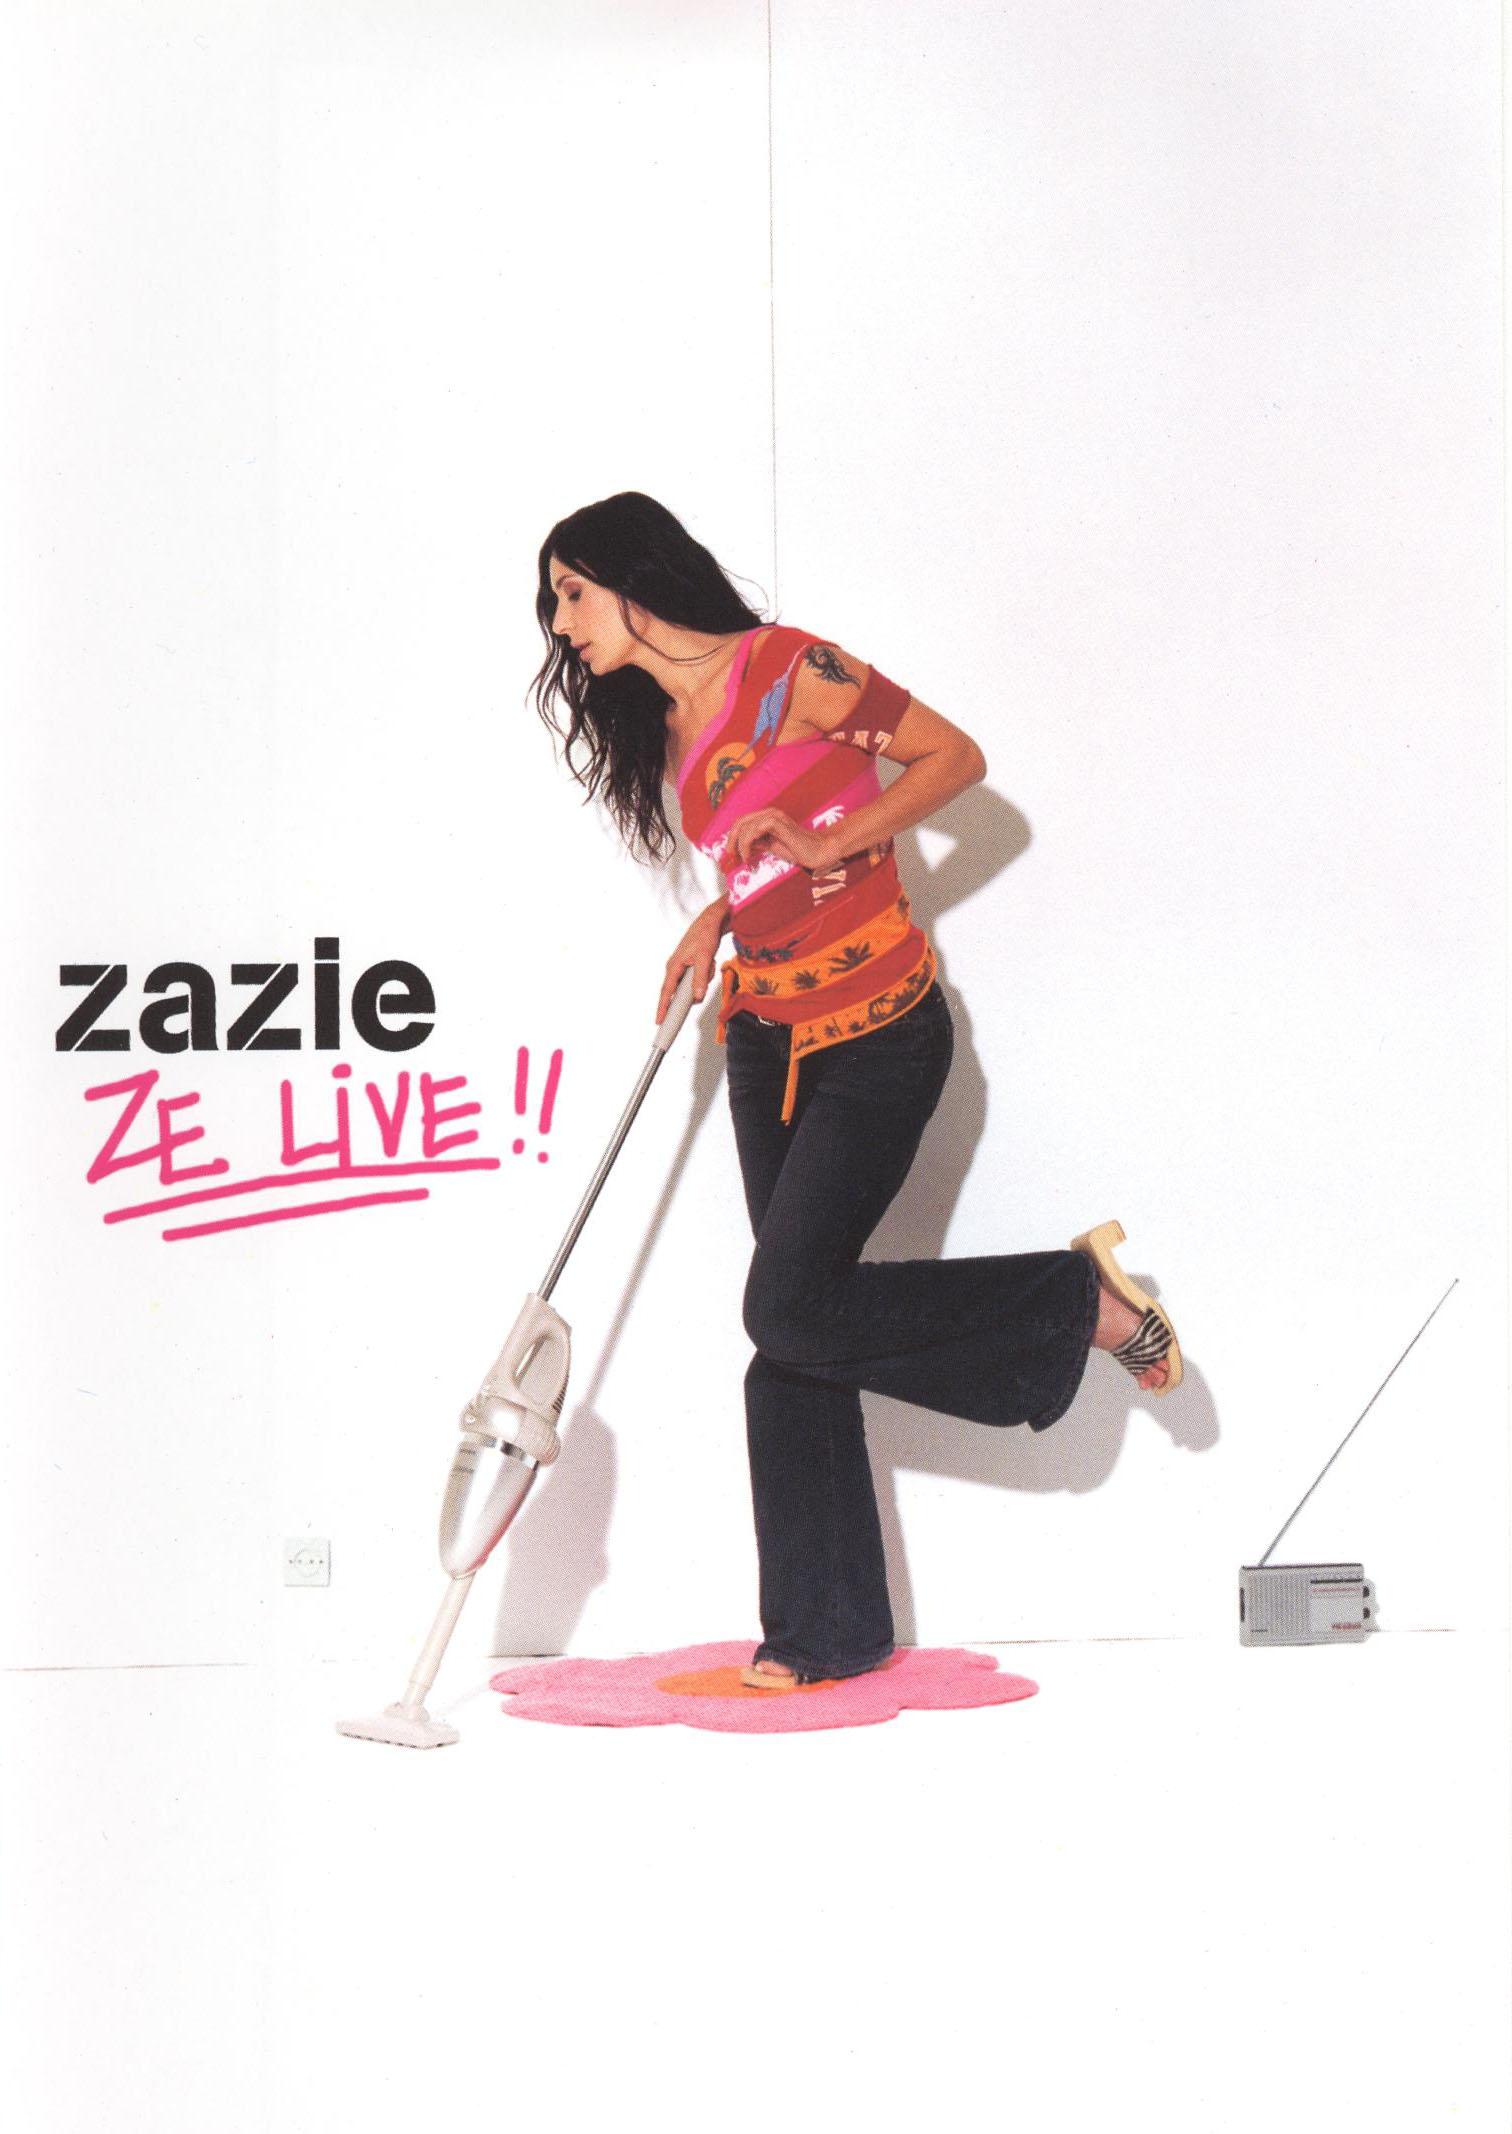 Zazie - jetais l0e0